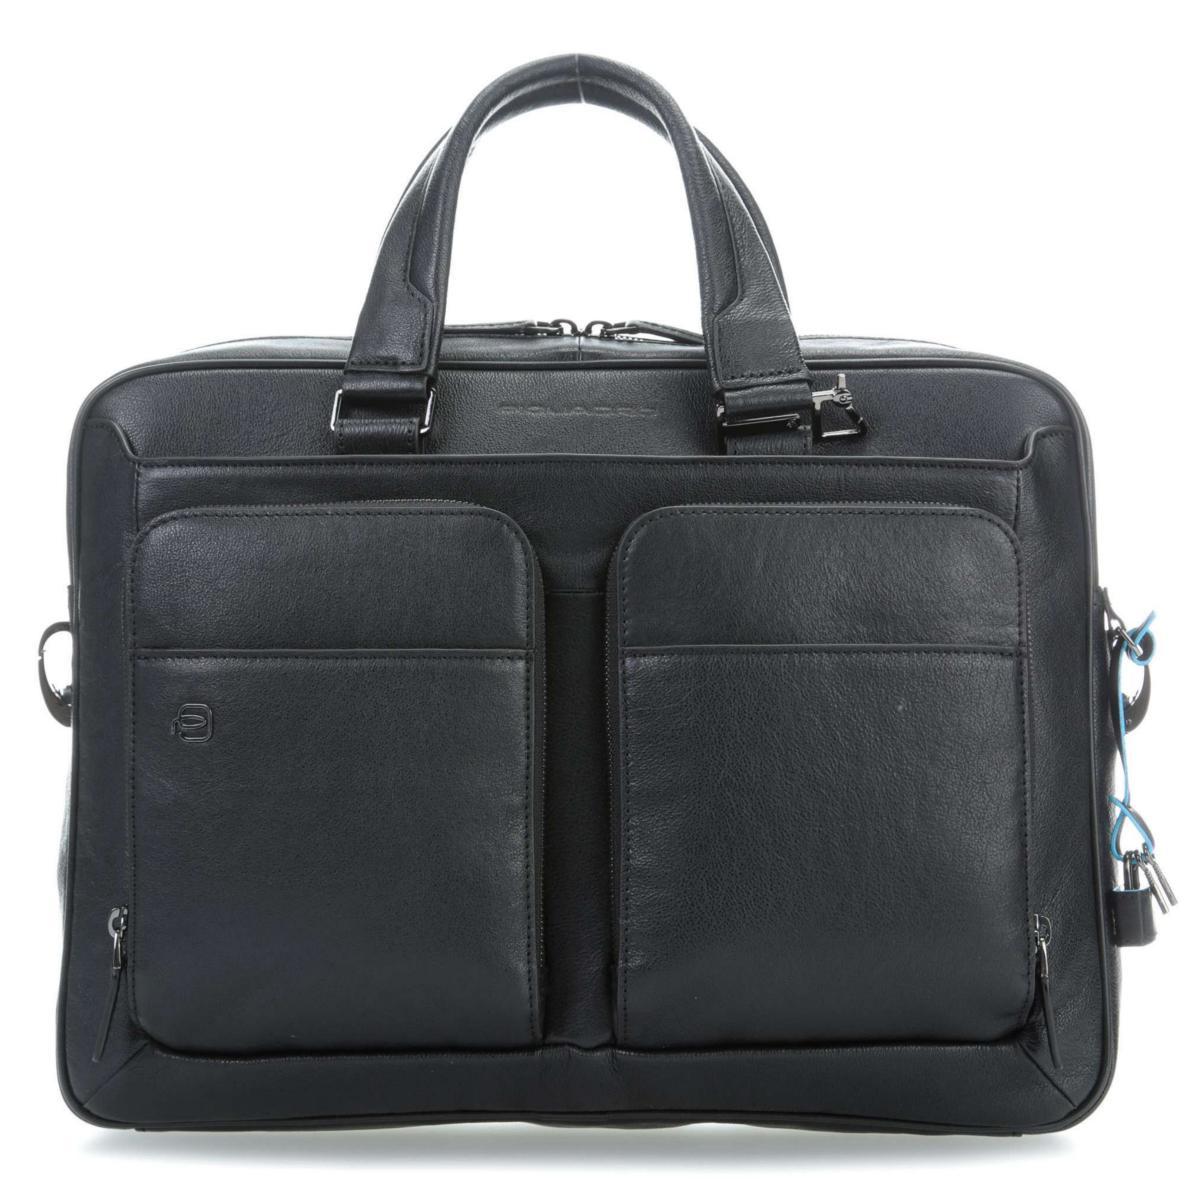 купить Сумка для ноутбука PIQUADRO CA2849B3/N, черный по цене 38000 рублей